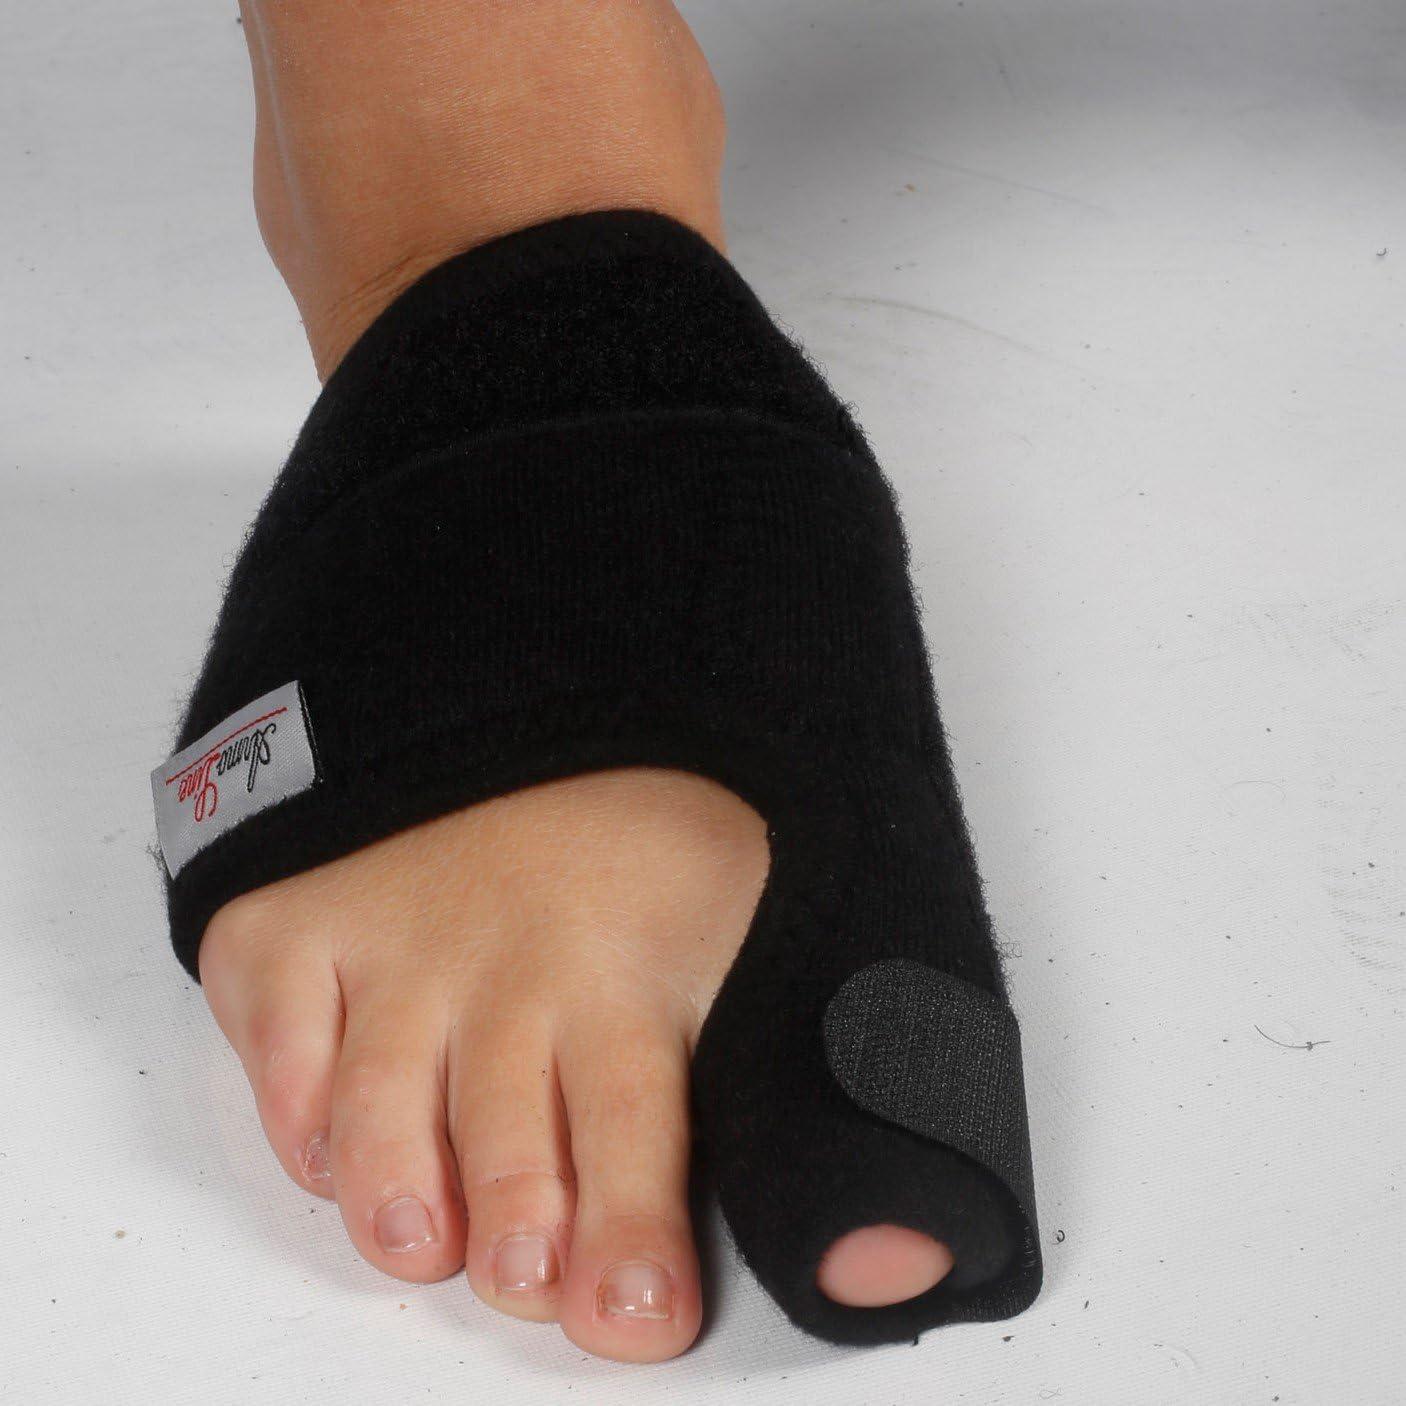 ArmoLine Hallux Valgus Ortesis - Férula de juanete - Férula Aparatos Enderezadores del dedo del pie con correa antideslizante Separador (Izquierdo)